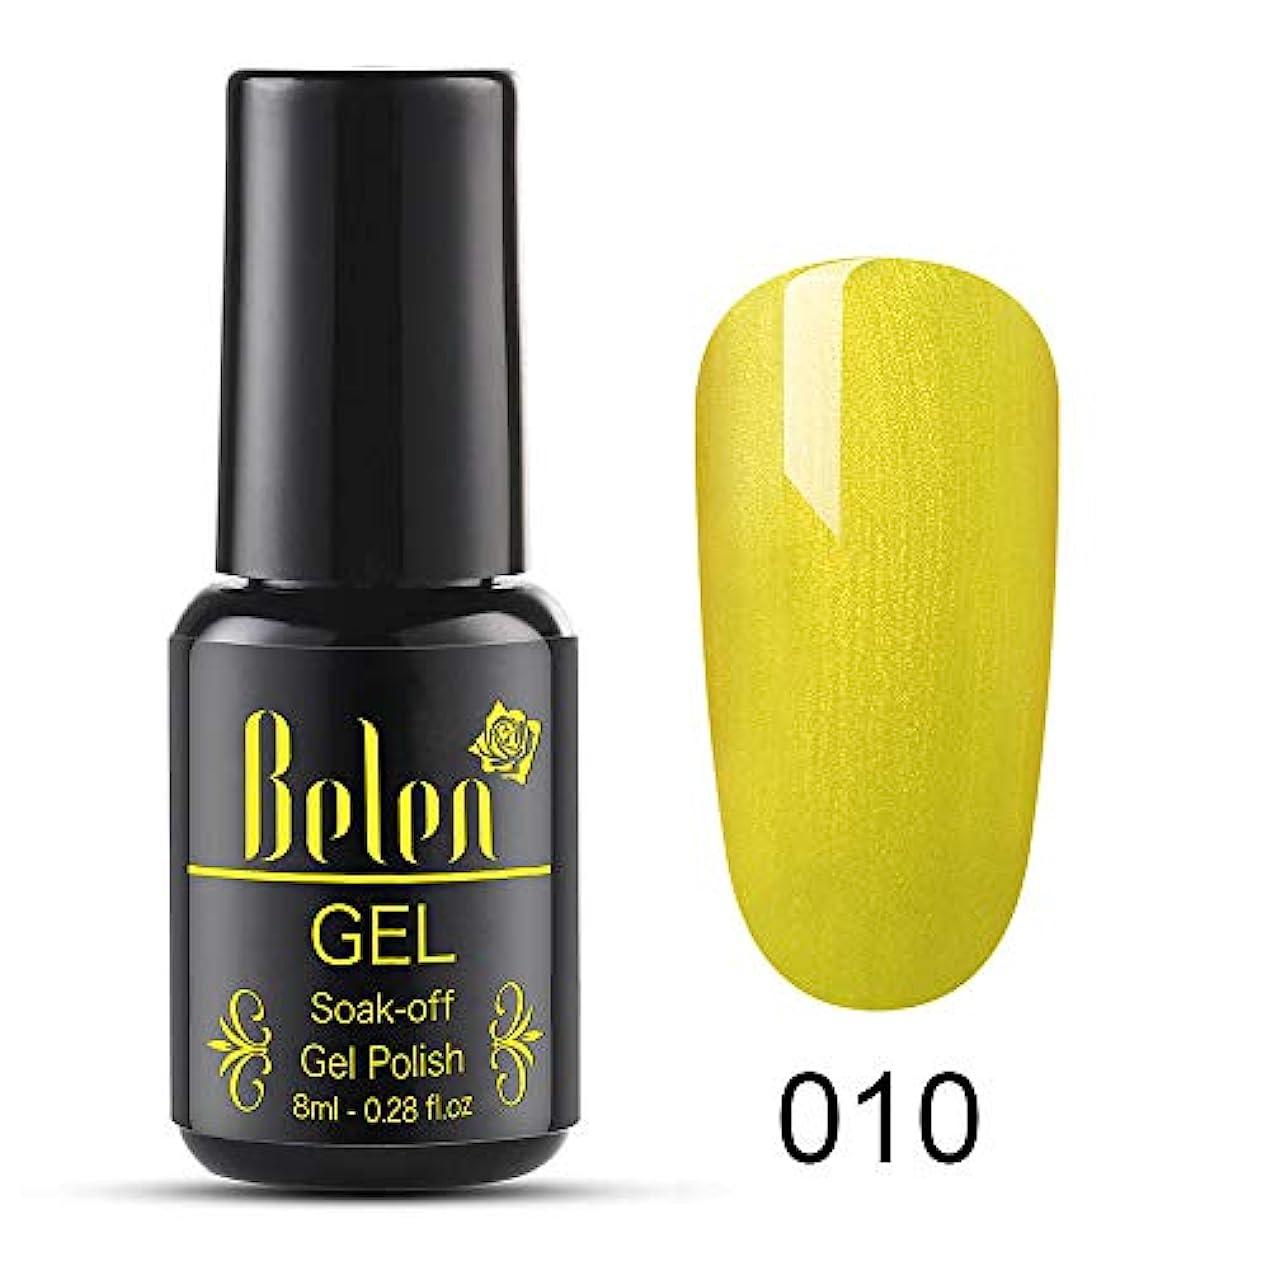 エネルギー浸した旅行者Belen ジェルネイル カラージェル 超長い蓋 塗りが便利 1色入り 8ml【全42色選択可】